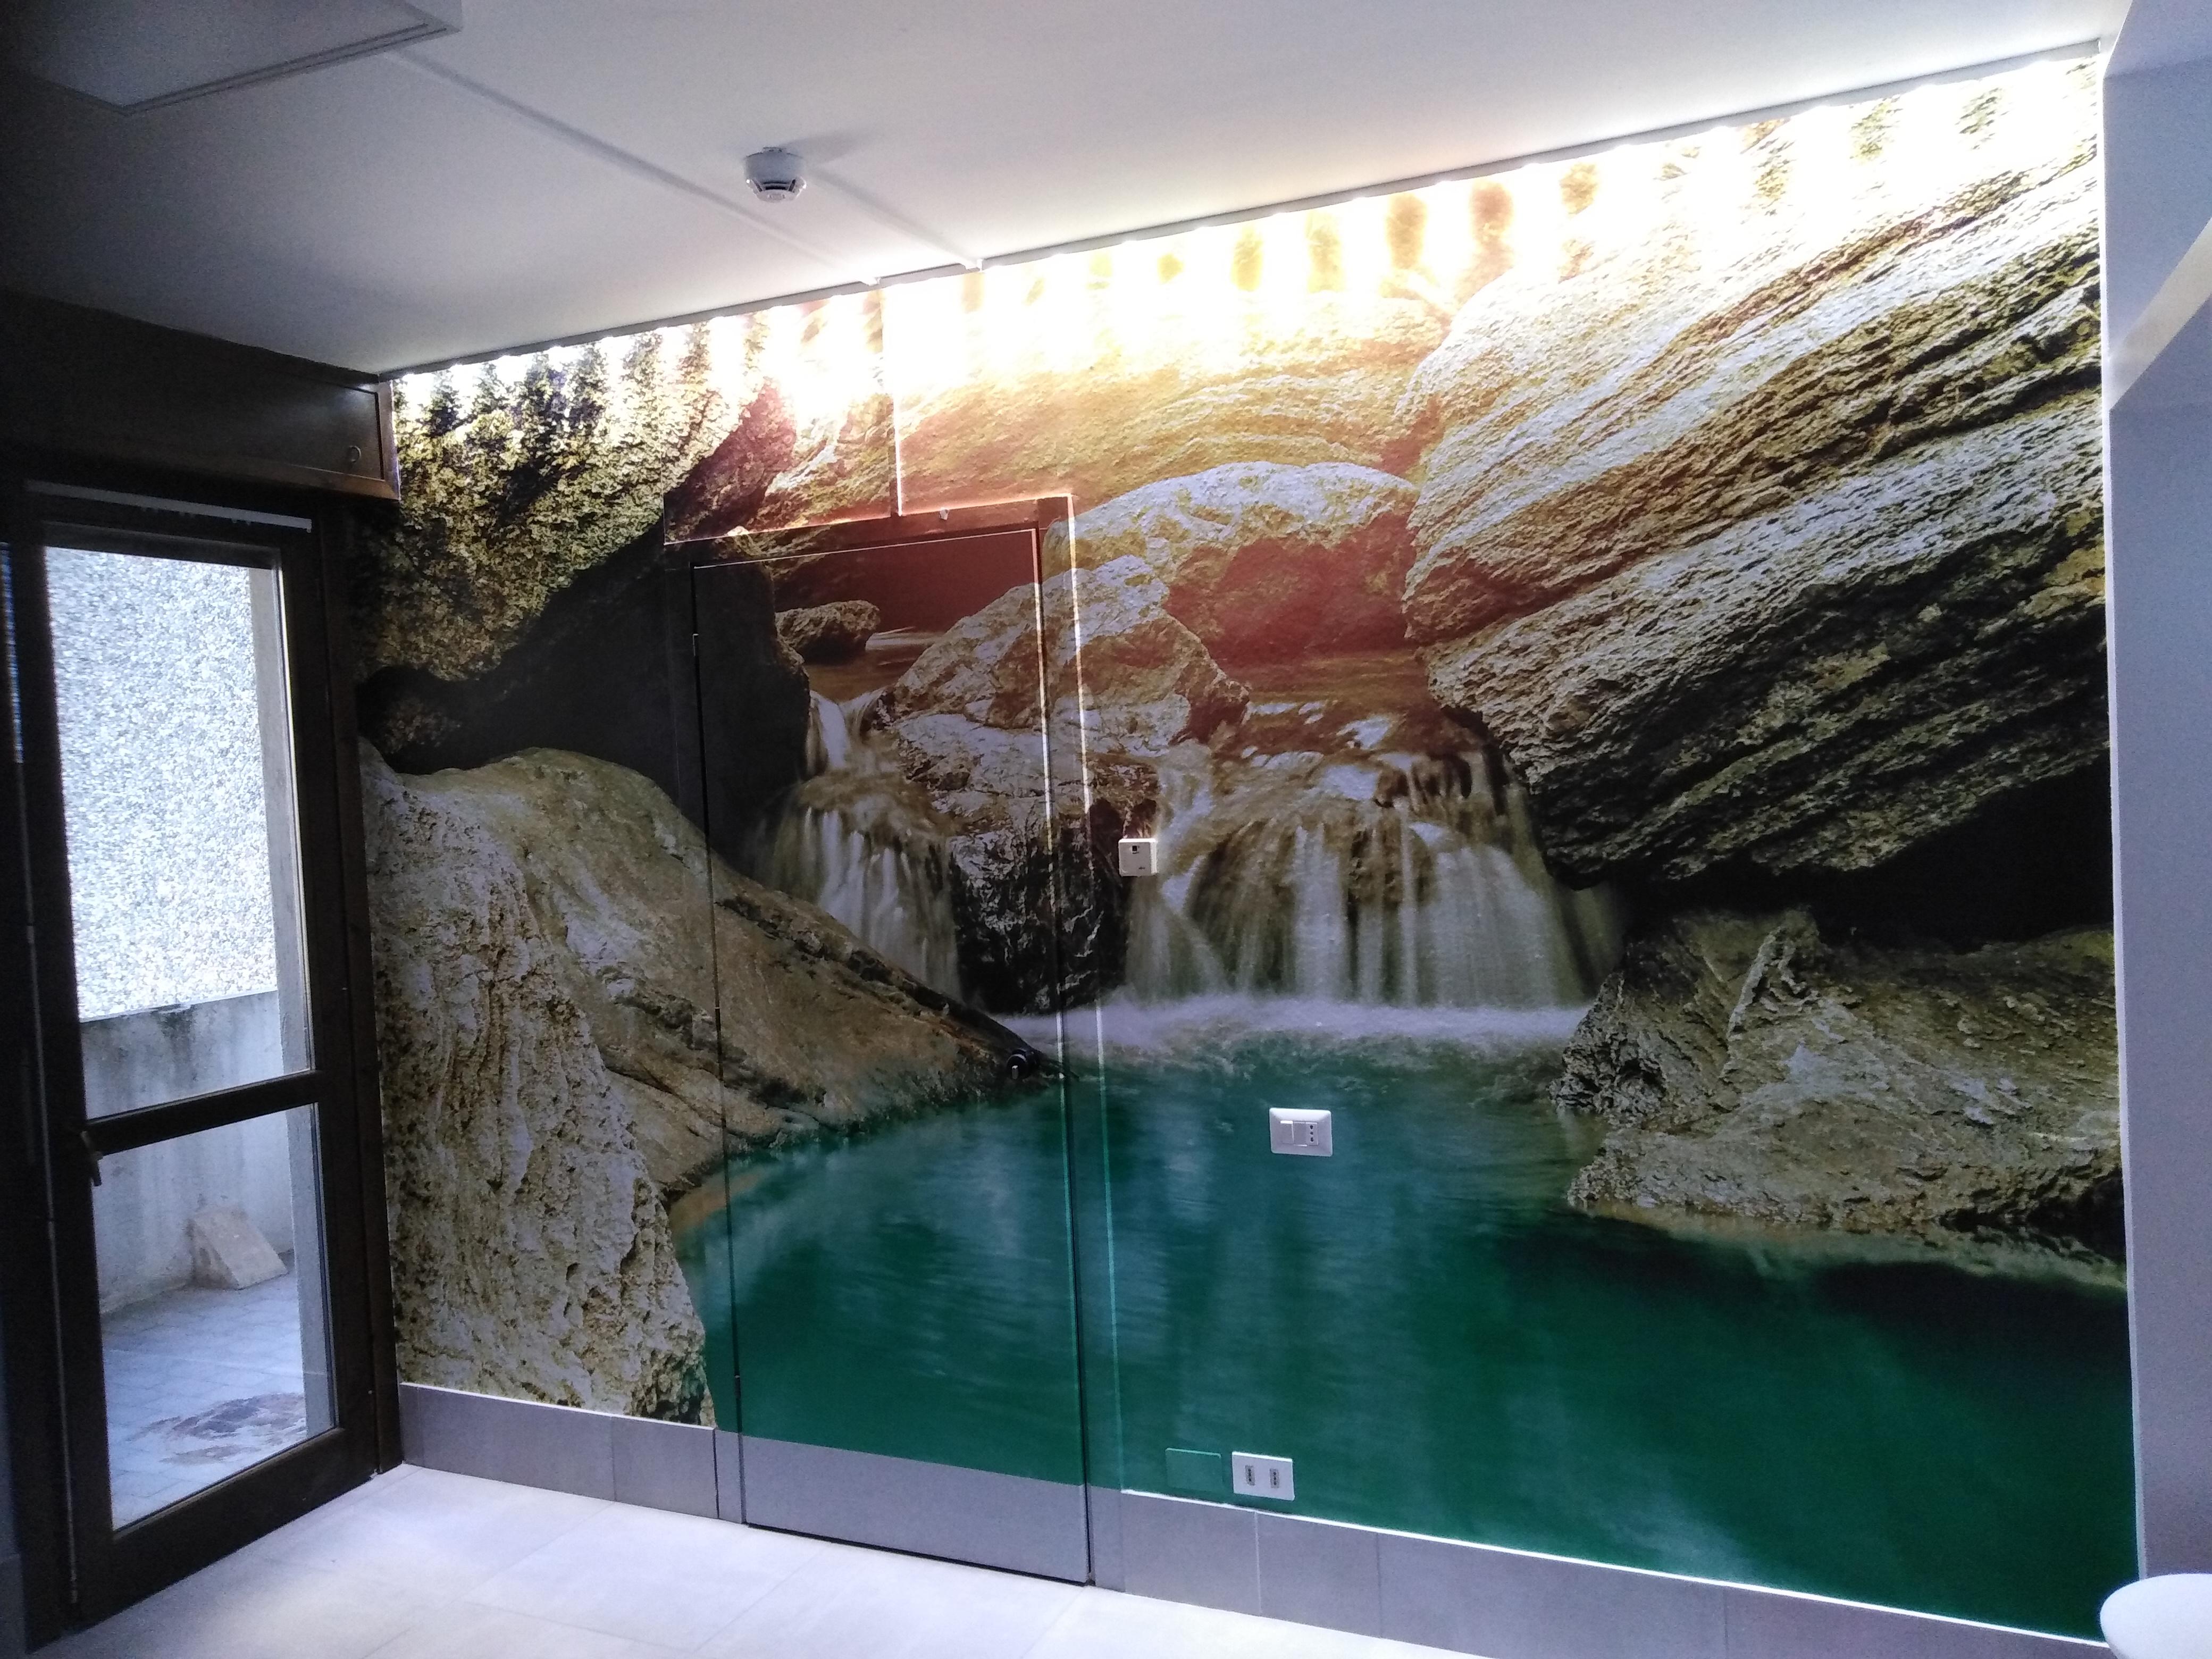 Allestimento con Di-noc e adesivo effetto stucco – Casa di riposo, Monza